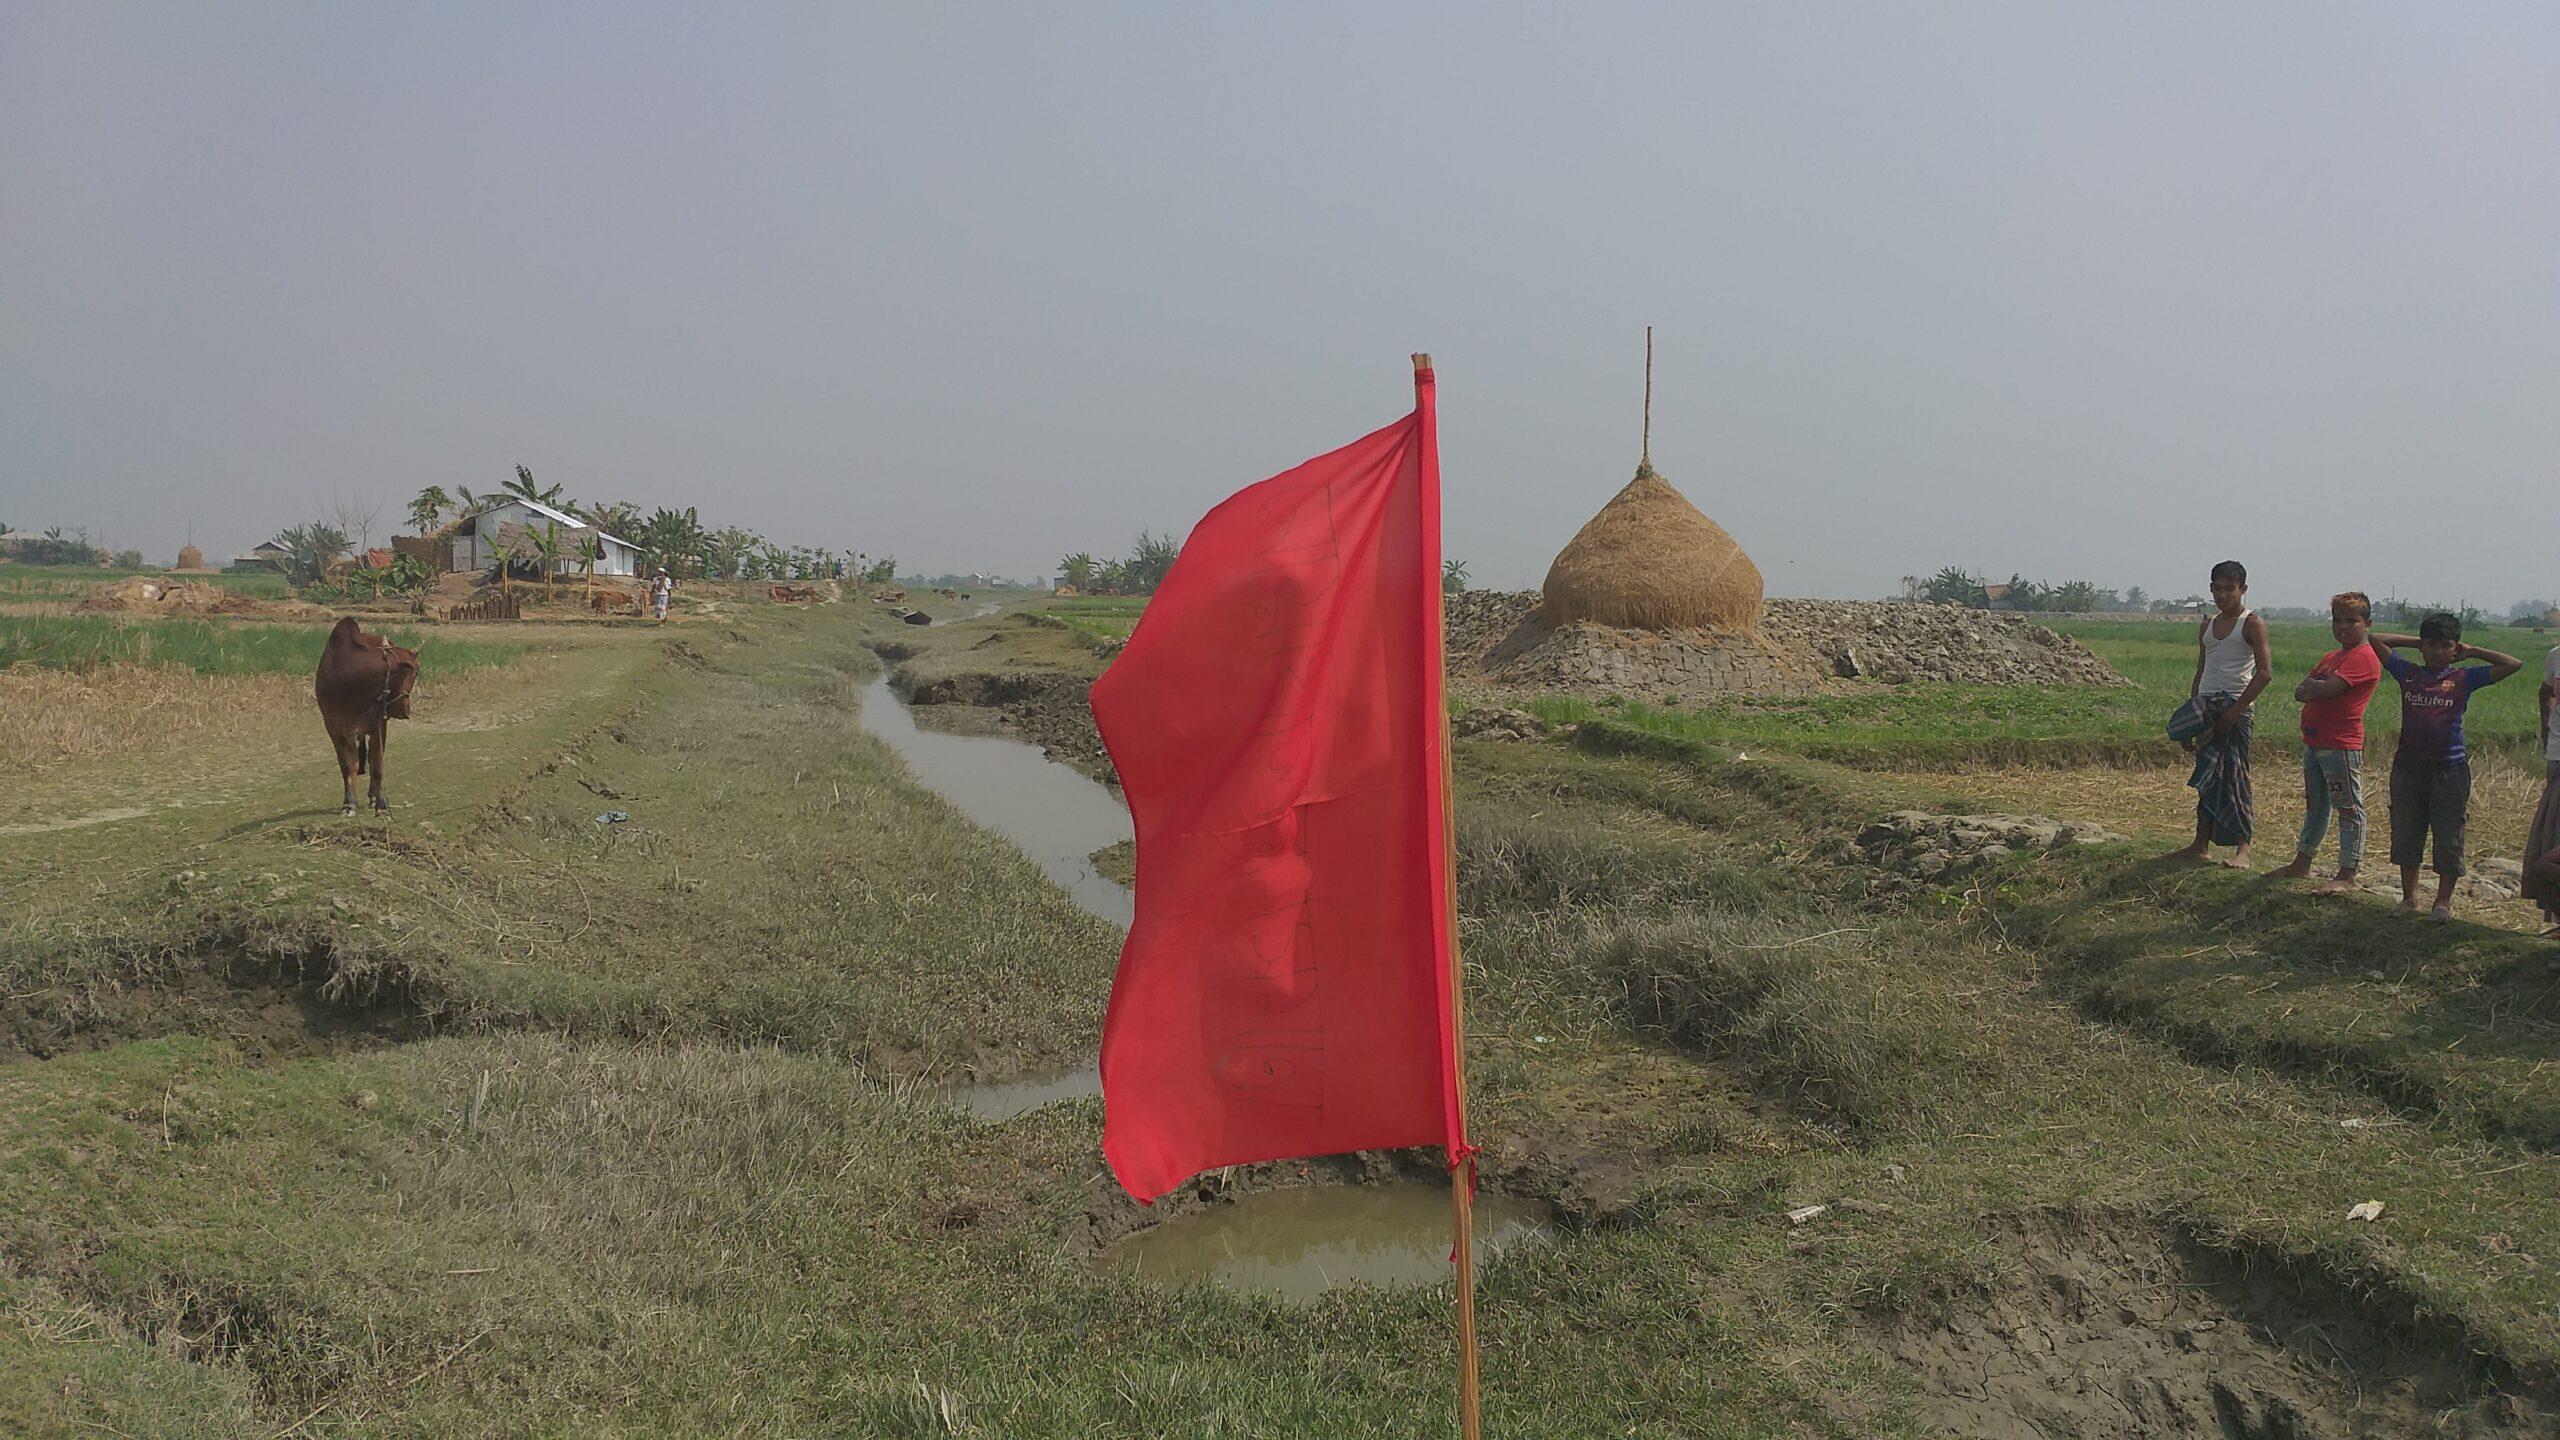 তজুমদ্দিনের চরে গভীর রাতে সশস্ত্র মহড়া, উড়ছে লাল নিশান। আতংকিত শত শত কৃষক।।